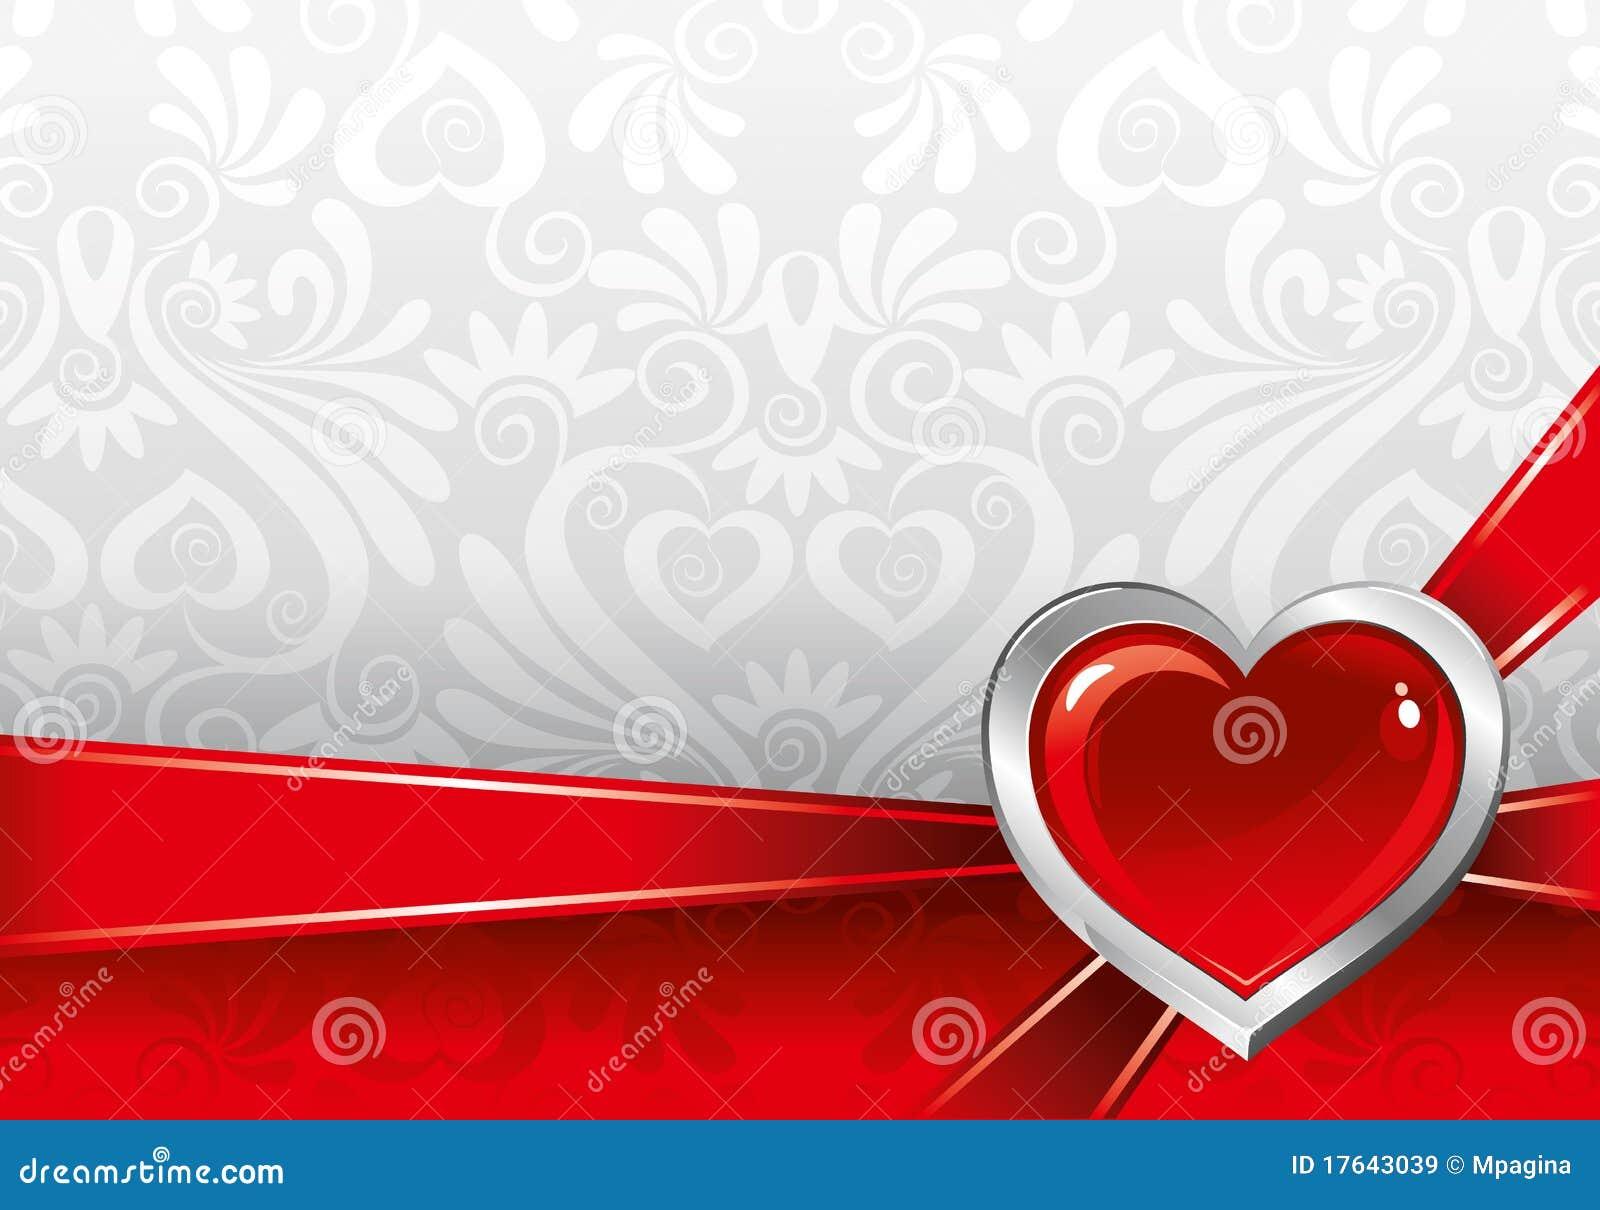 Schöner Hintergrund Auf Valentinstag Lizenzfreie Stockbilder